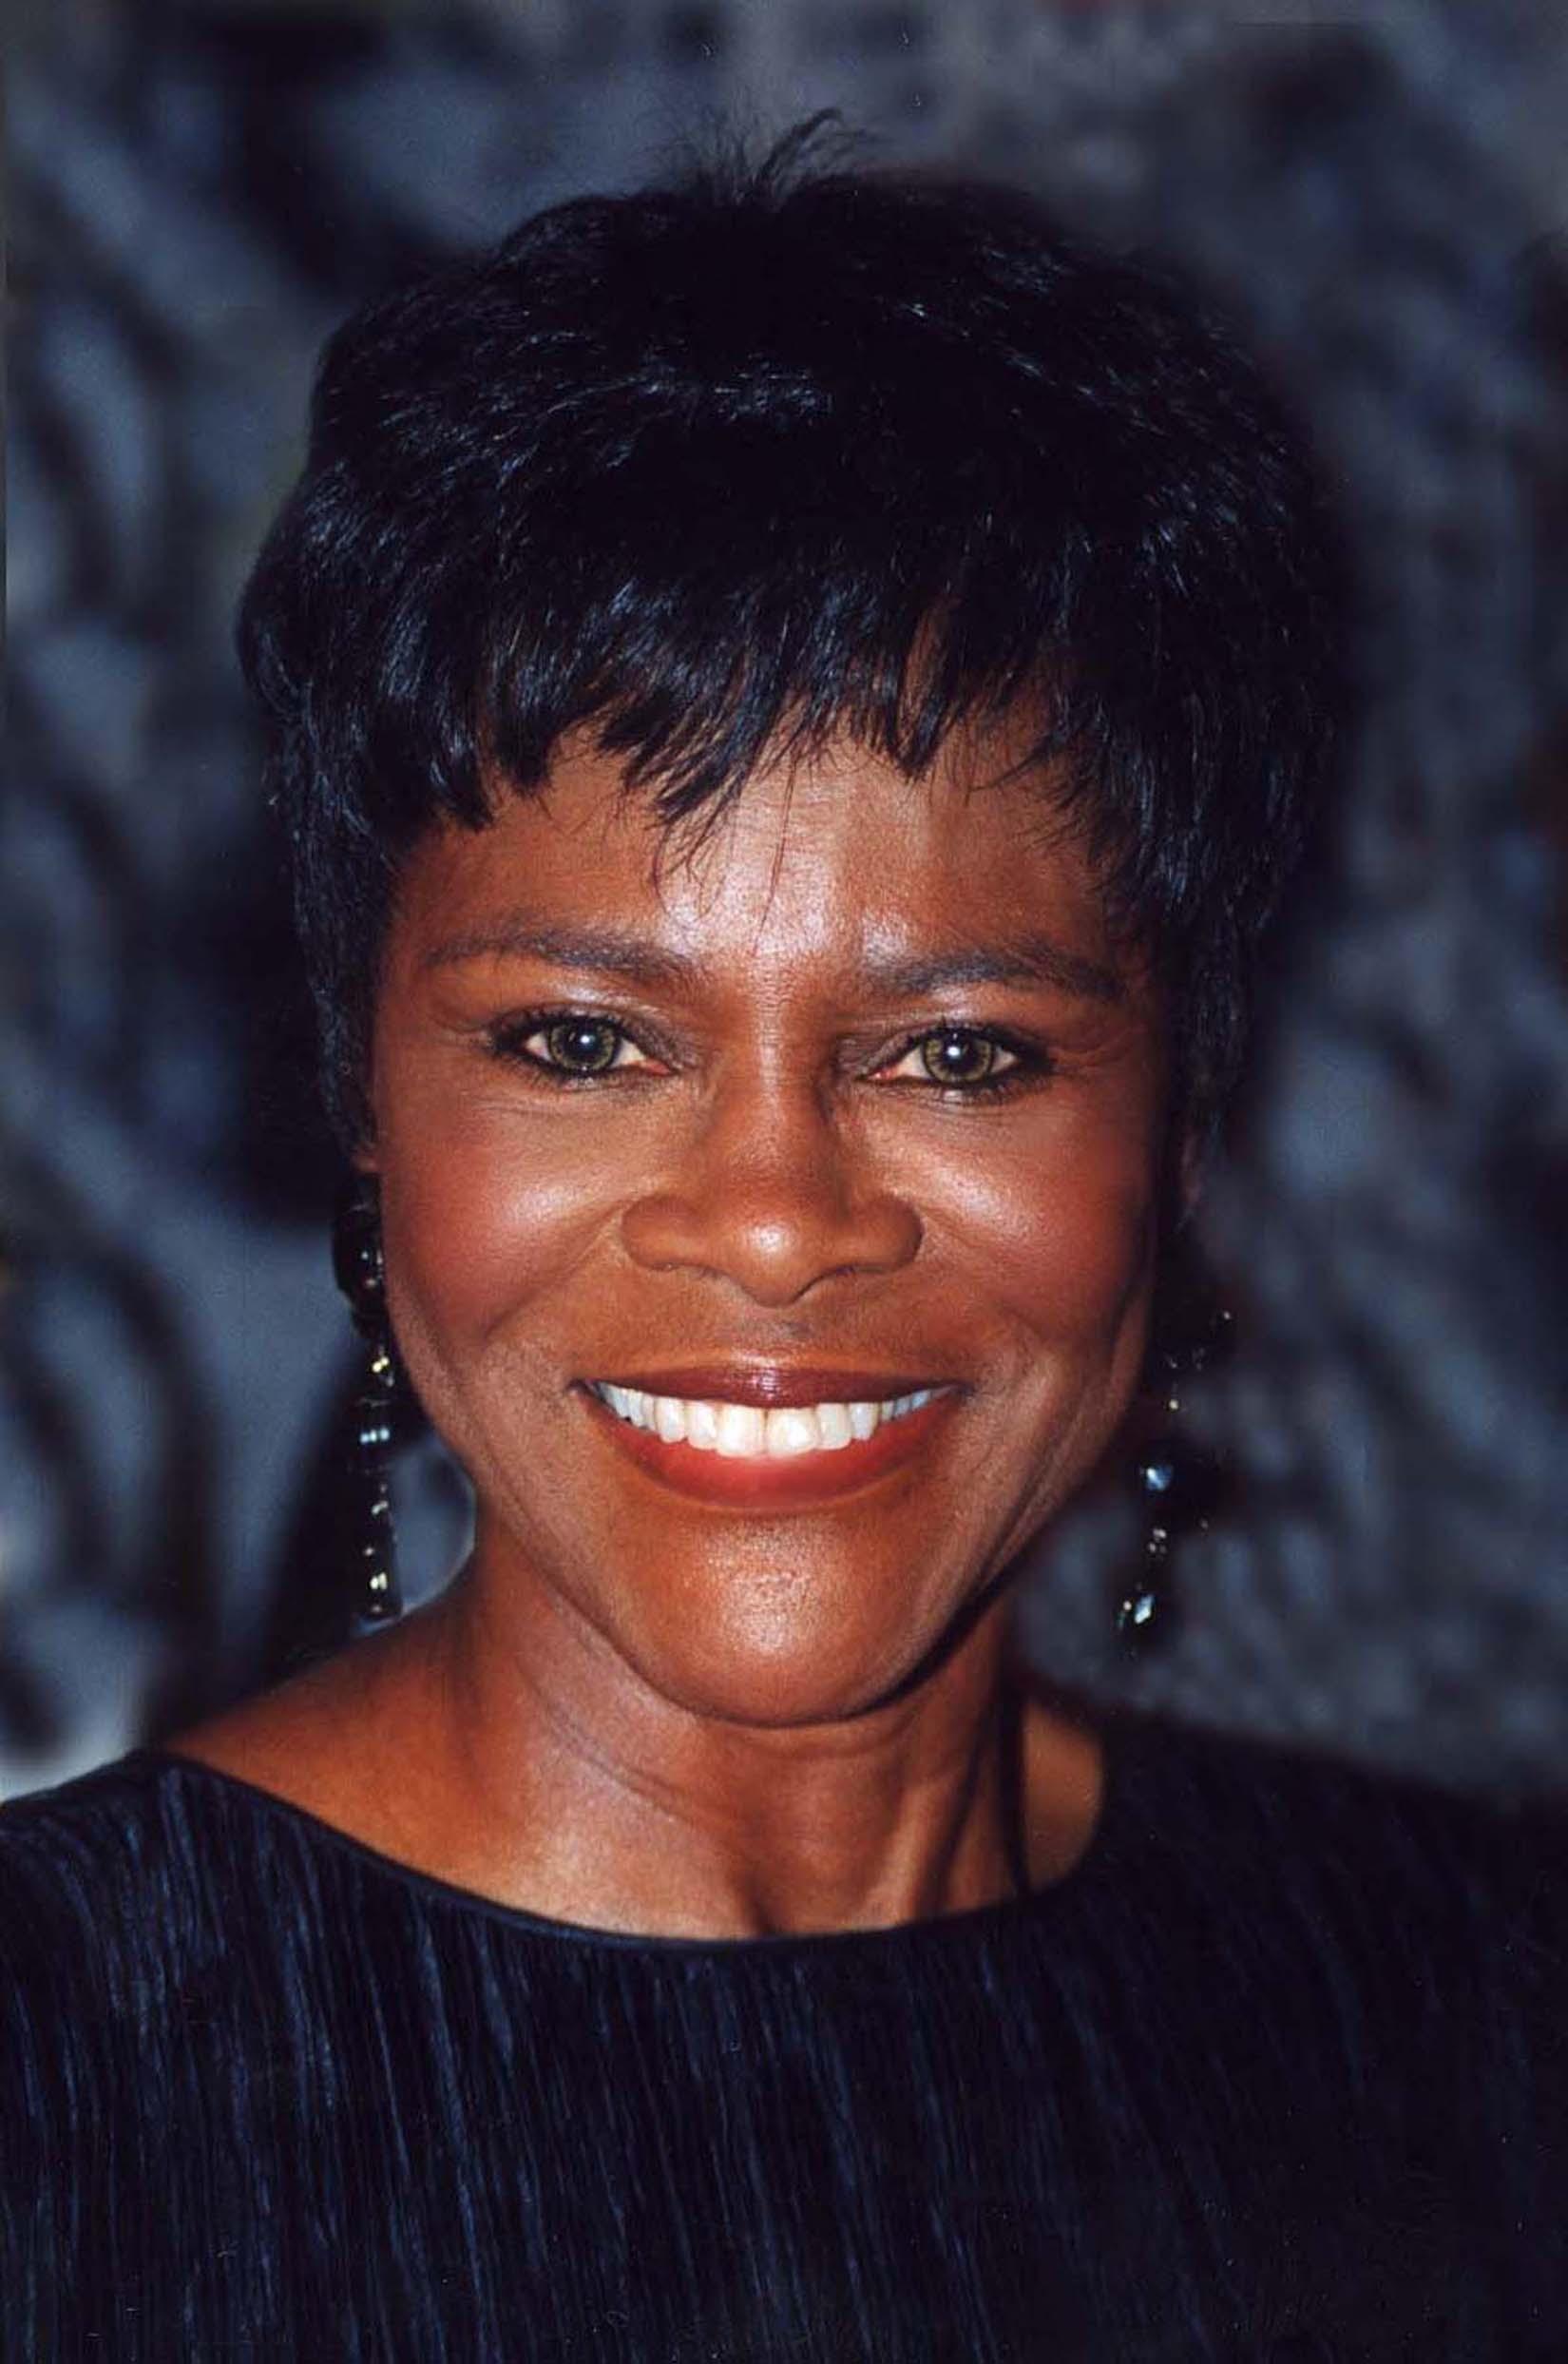 Tyson in 1997